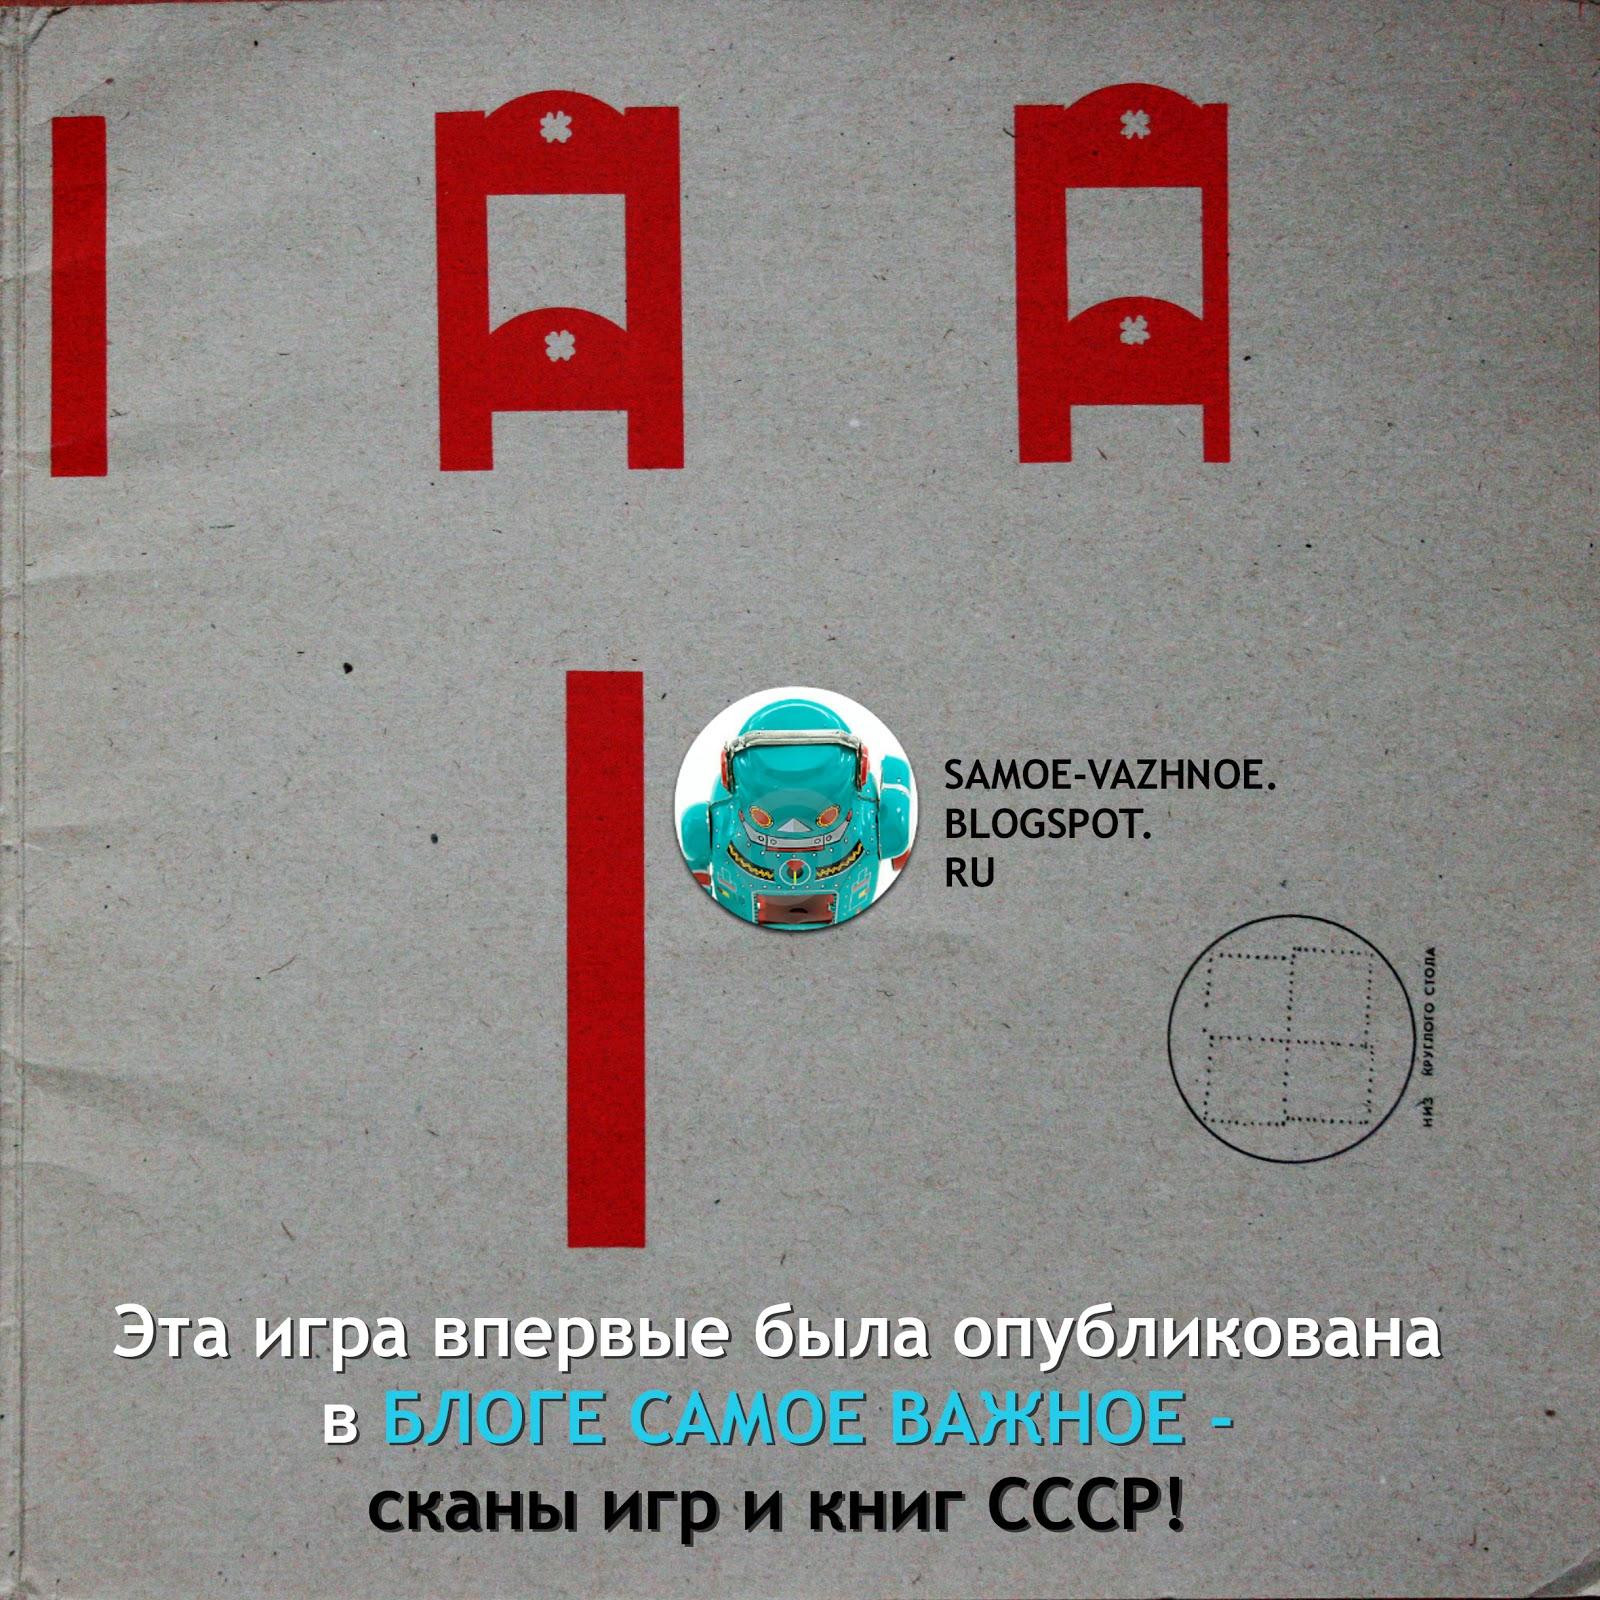 Как сделать кукольный домик. Игра бумажная квартира для куклы СССР советская старая, из детства